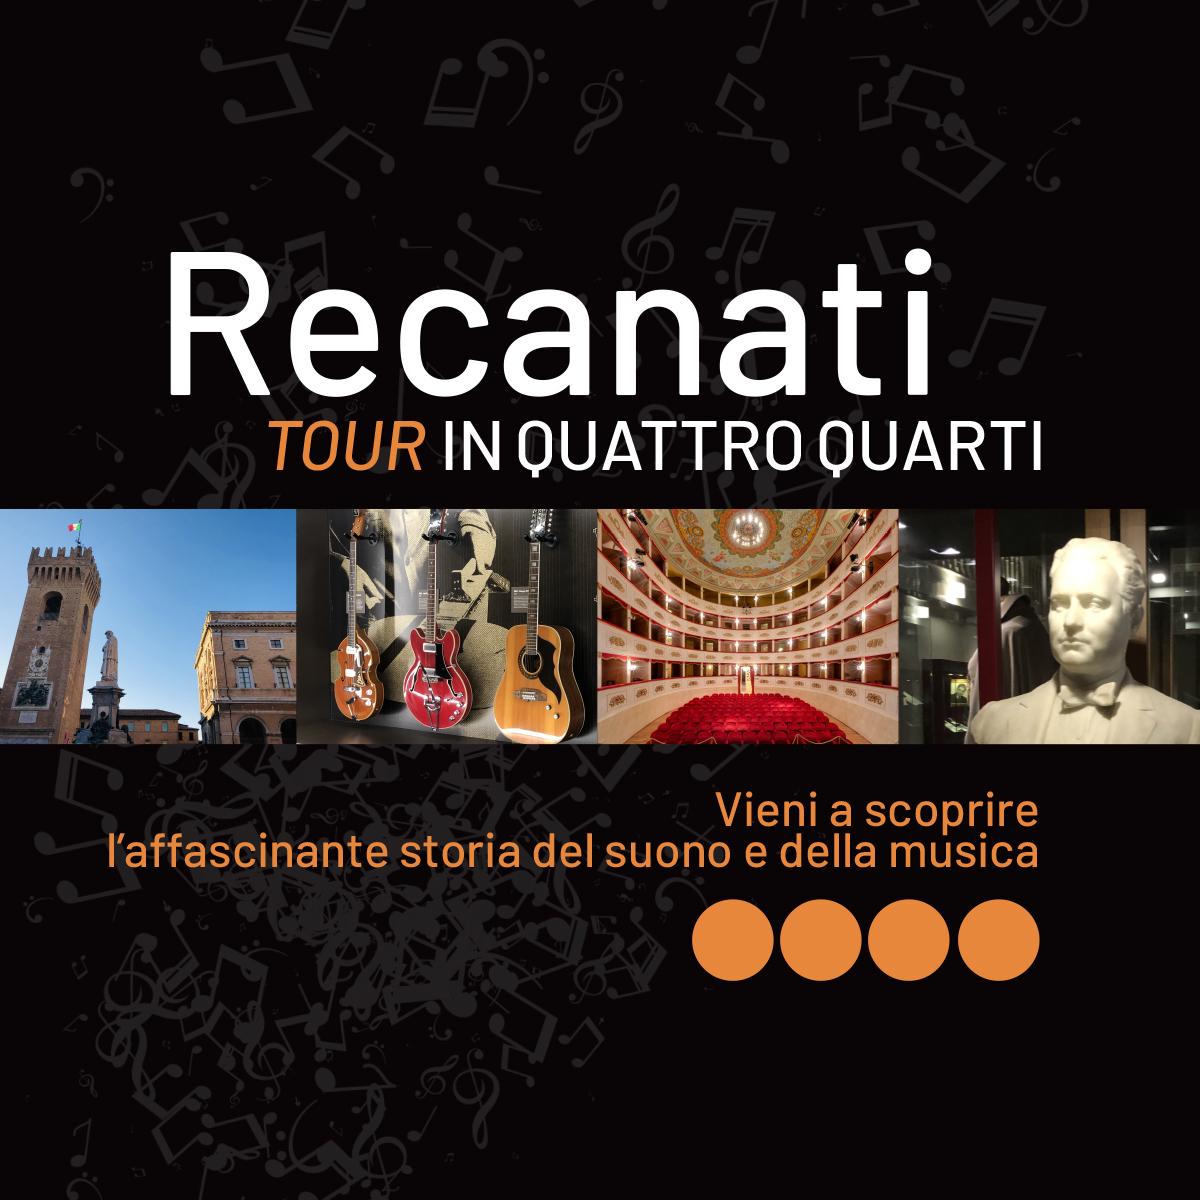 Sabato 30 ottobre e domenica 7 novembre: Recanati… tour in quattro quarti